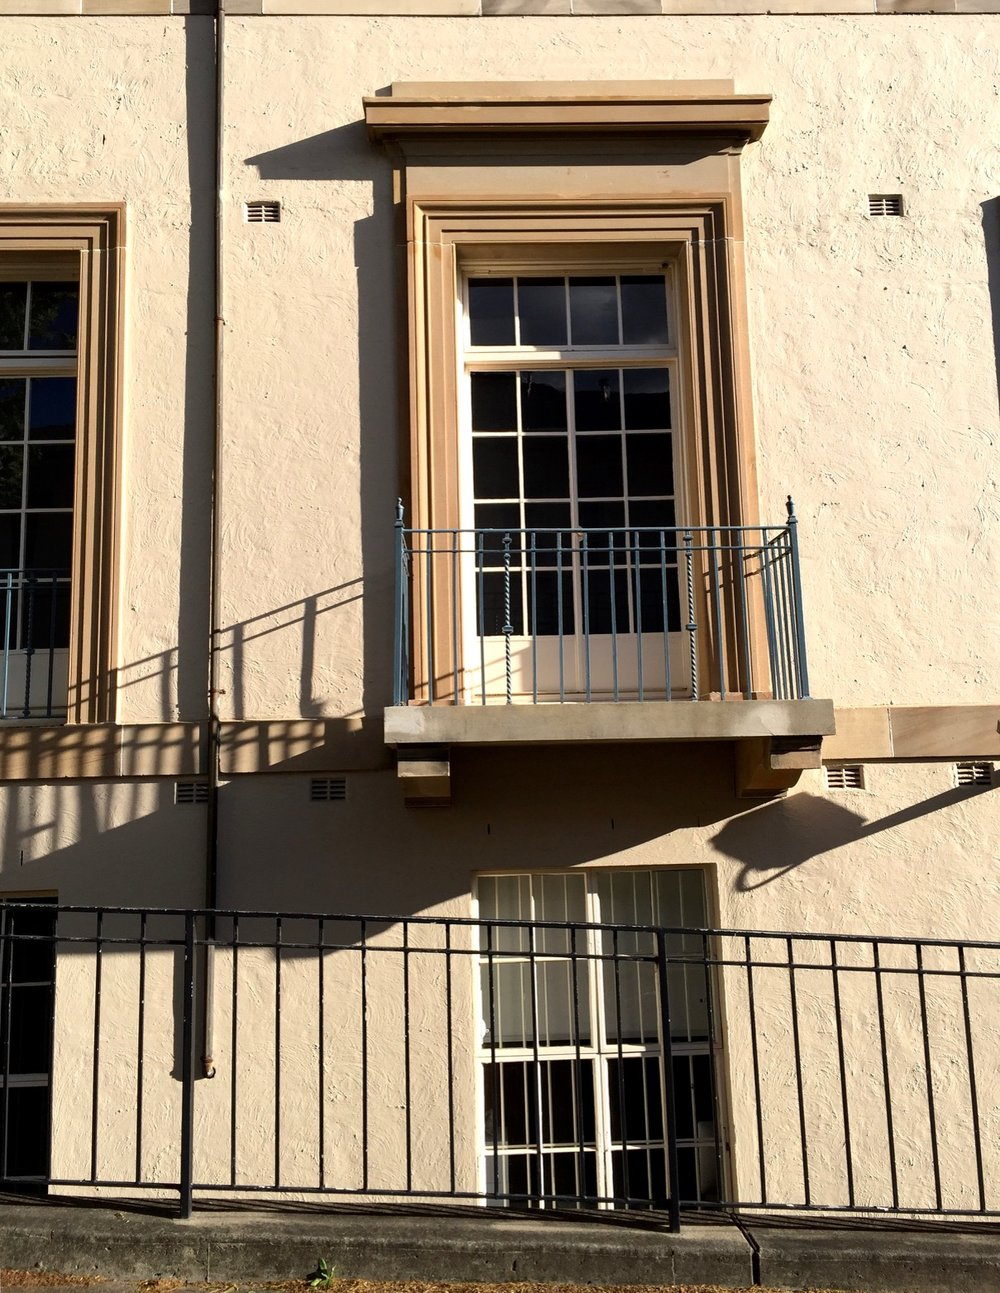 53. Balcony